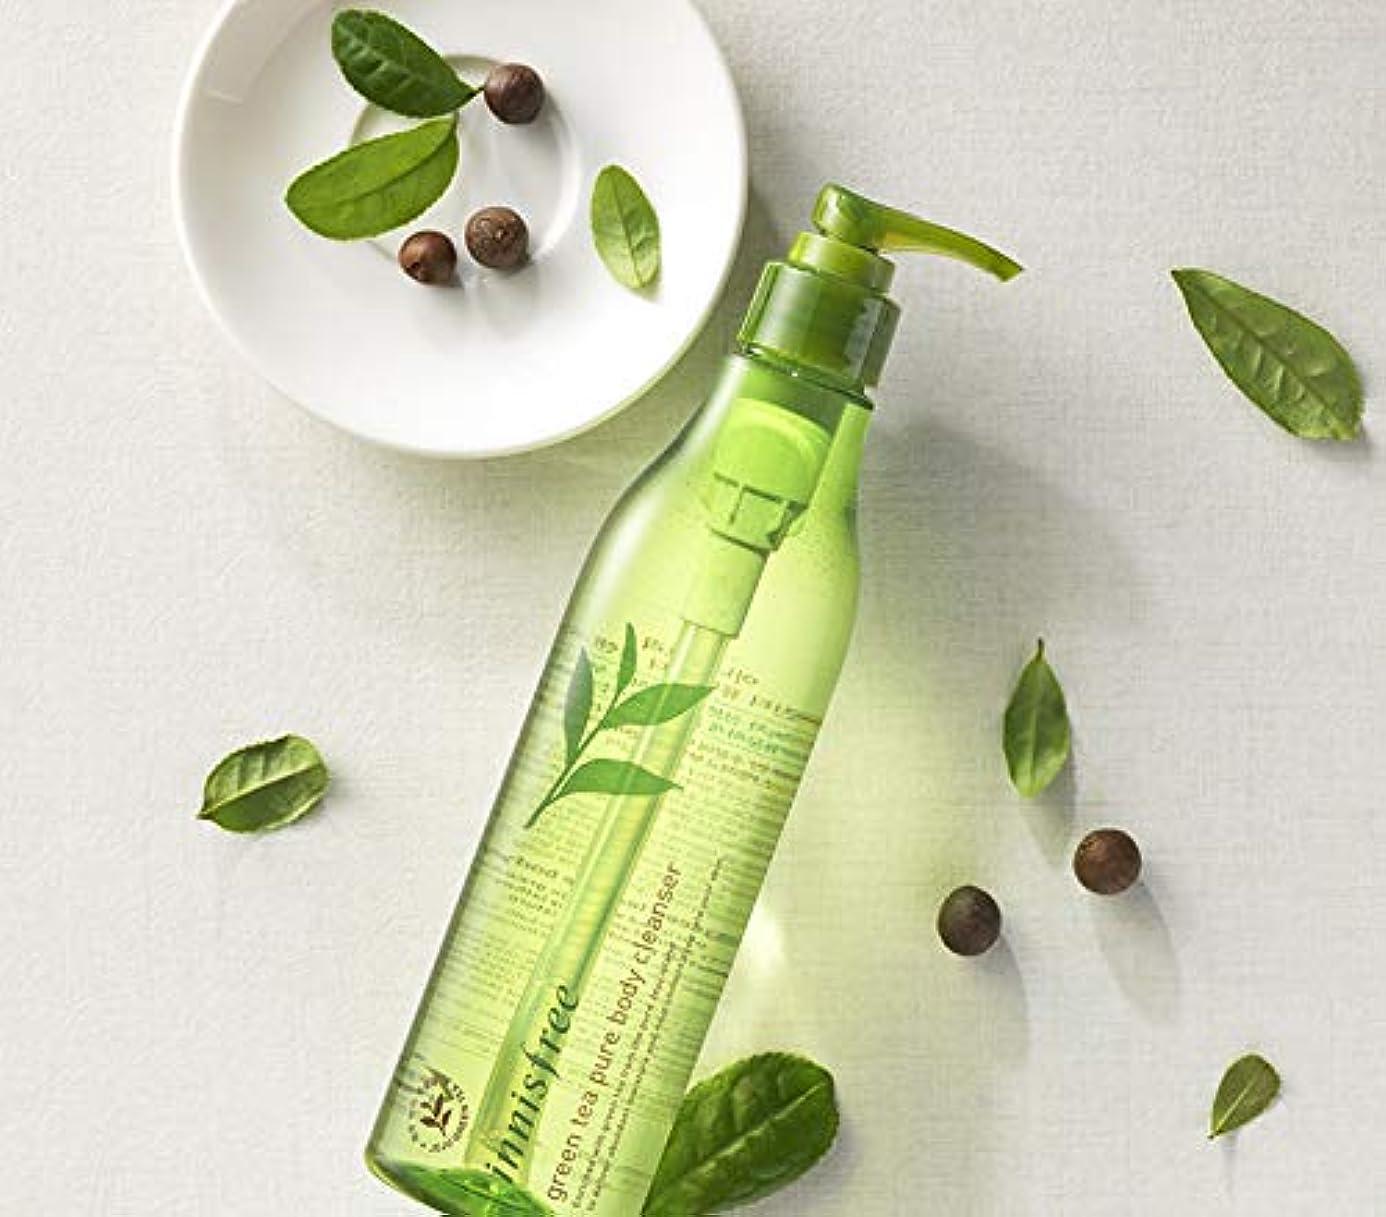 マニフェスト著者汗[イニスフリー.innisfree]グリーンティーピュアボディクレンザー300mL/ Green Tea Pure Body Cleanser